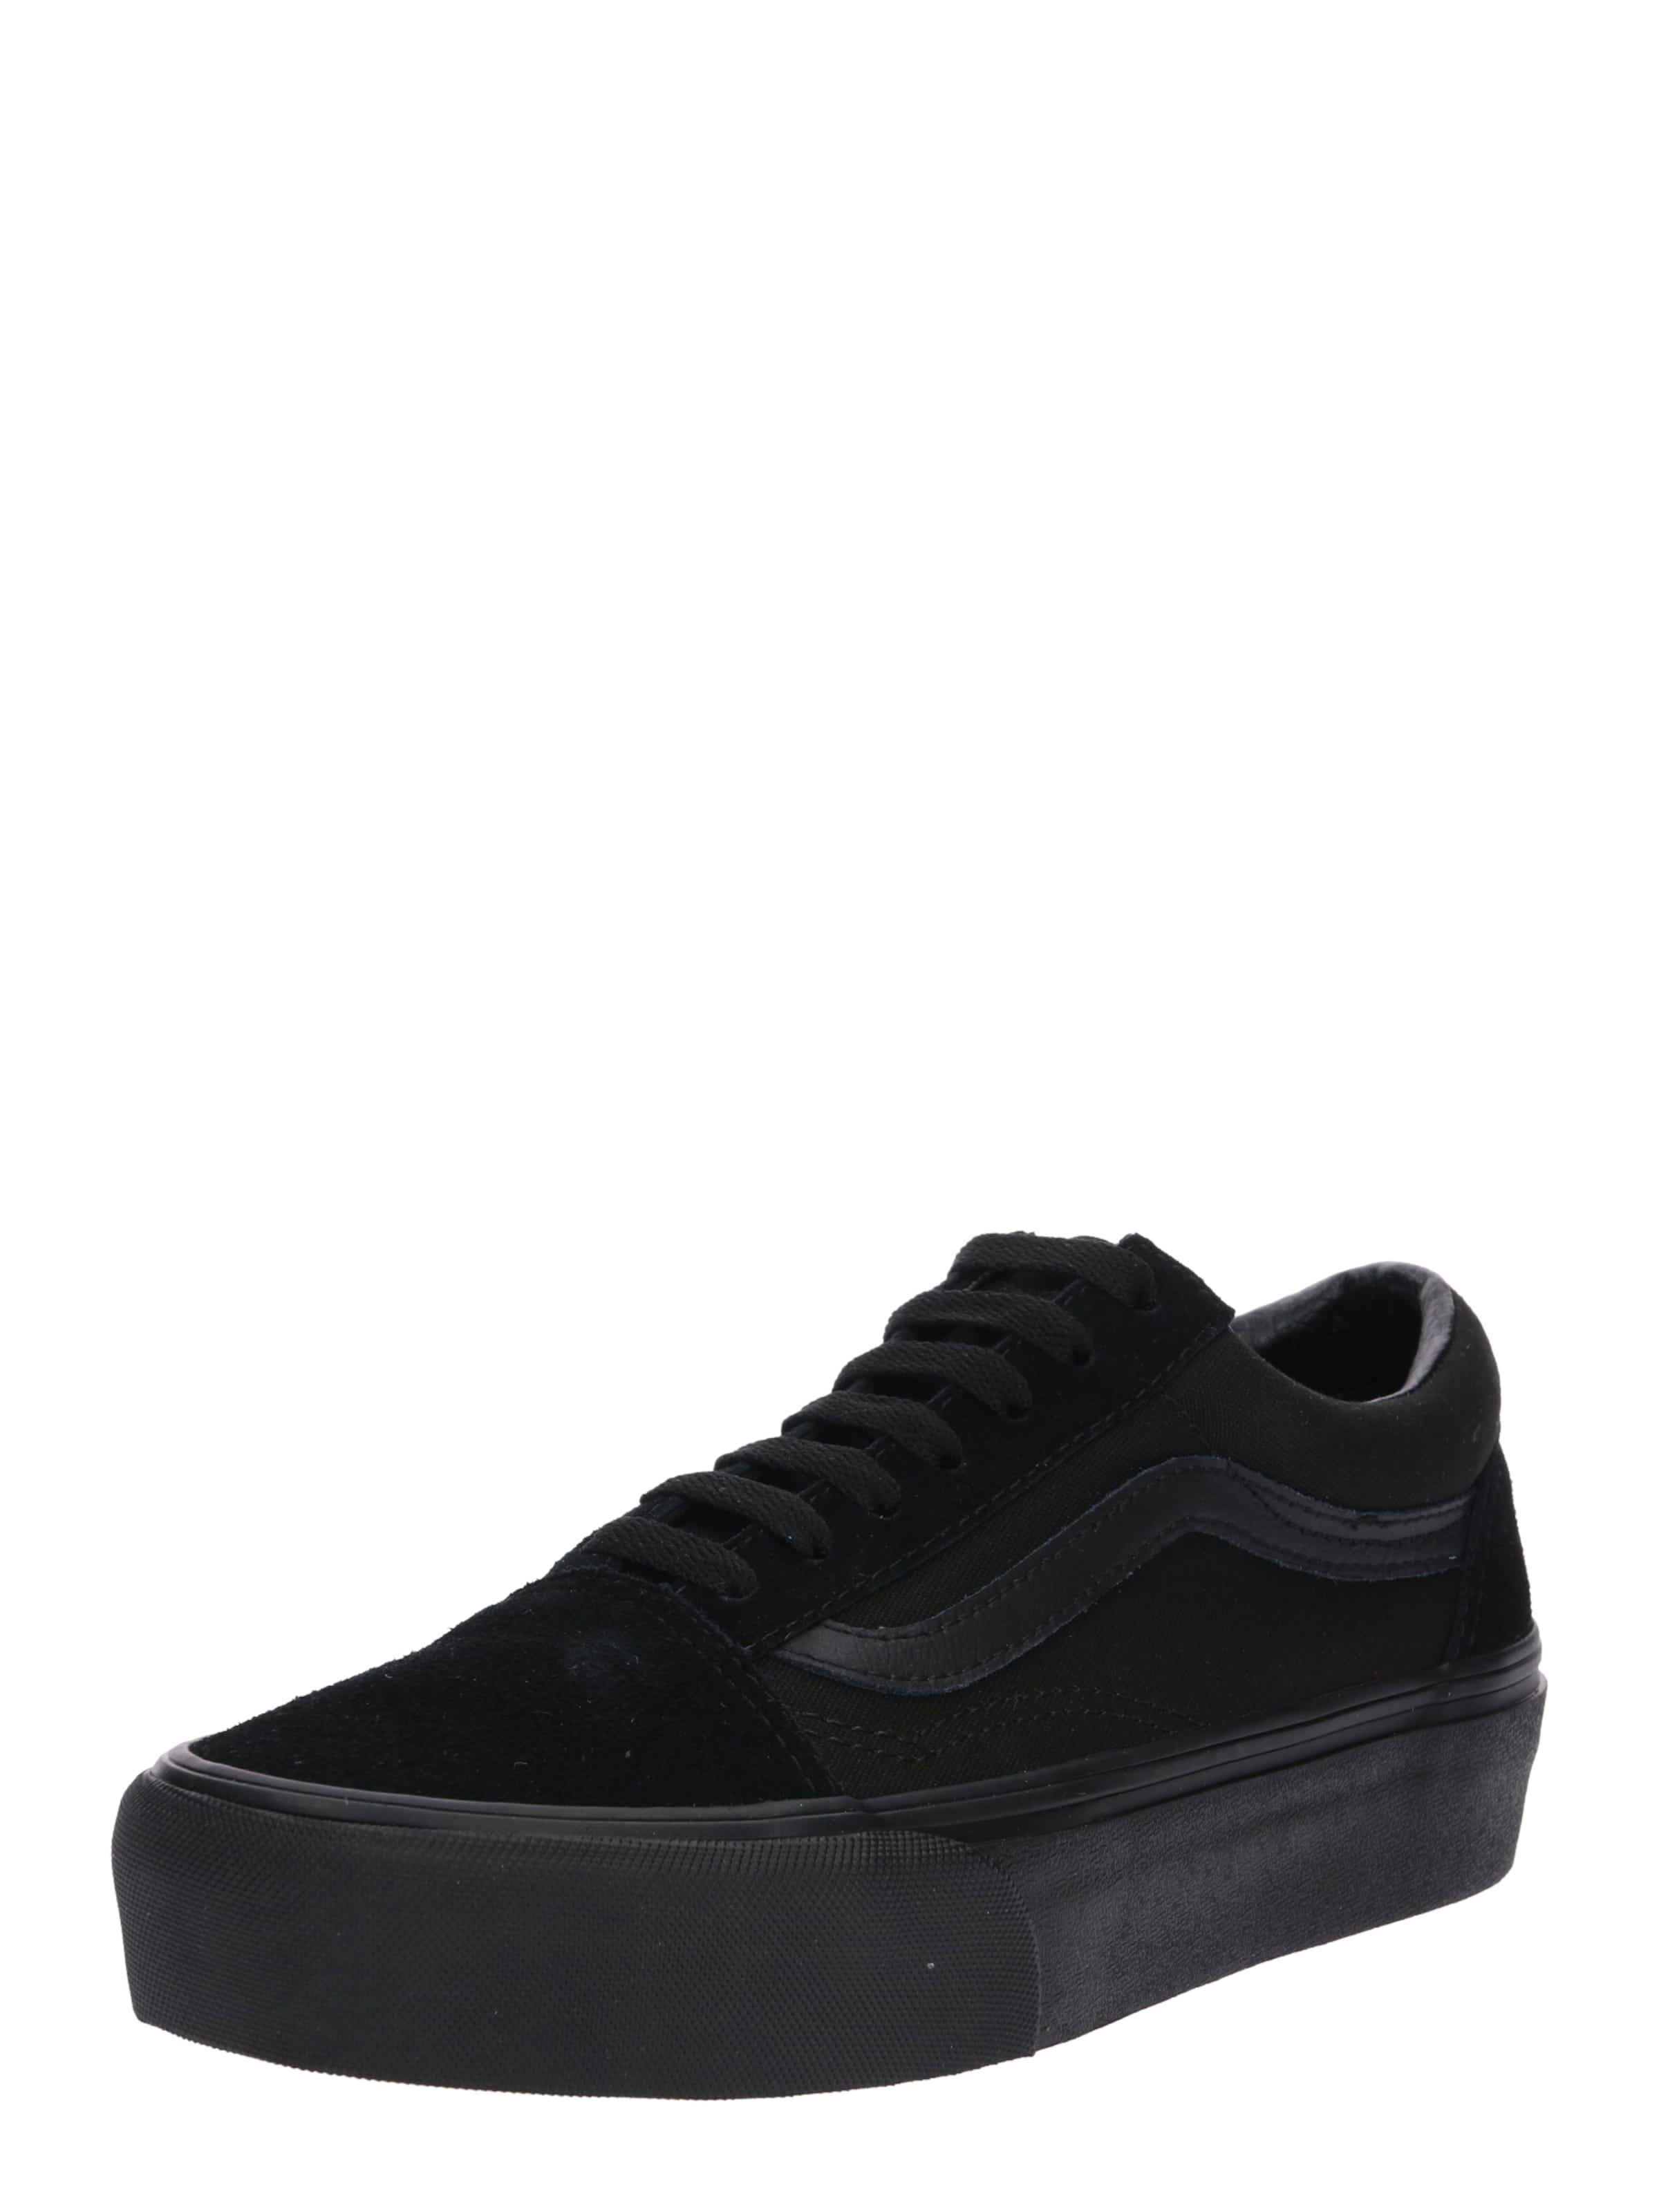 'old Platform' Sneaker Vans Skool Schwarz In YfvbgI76y